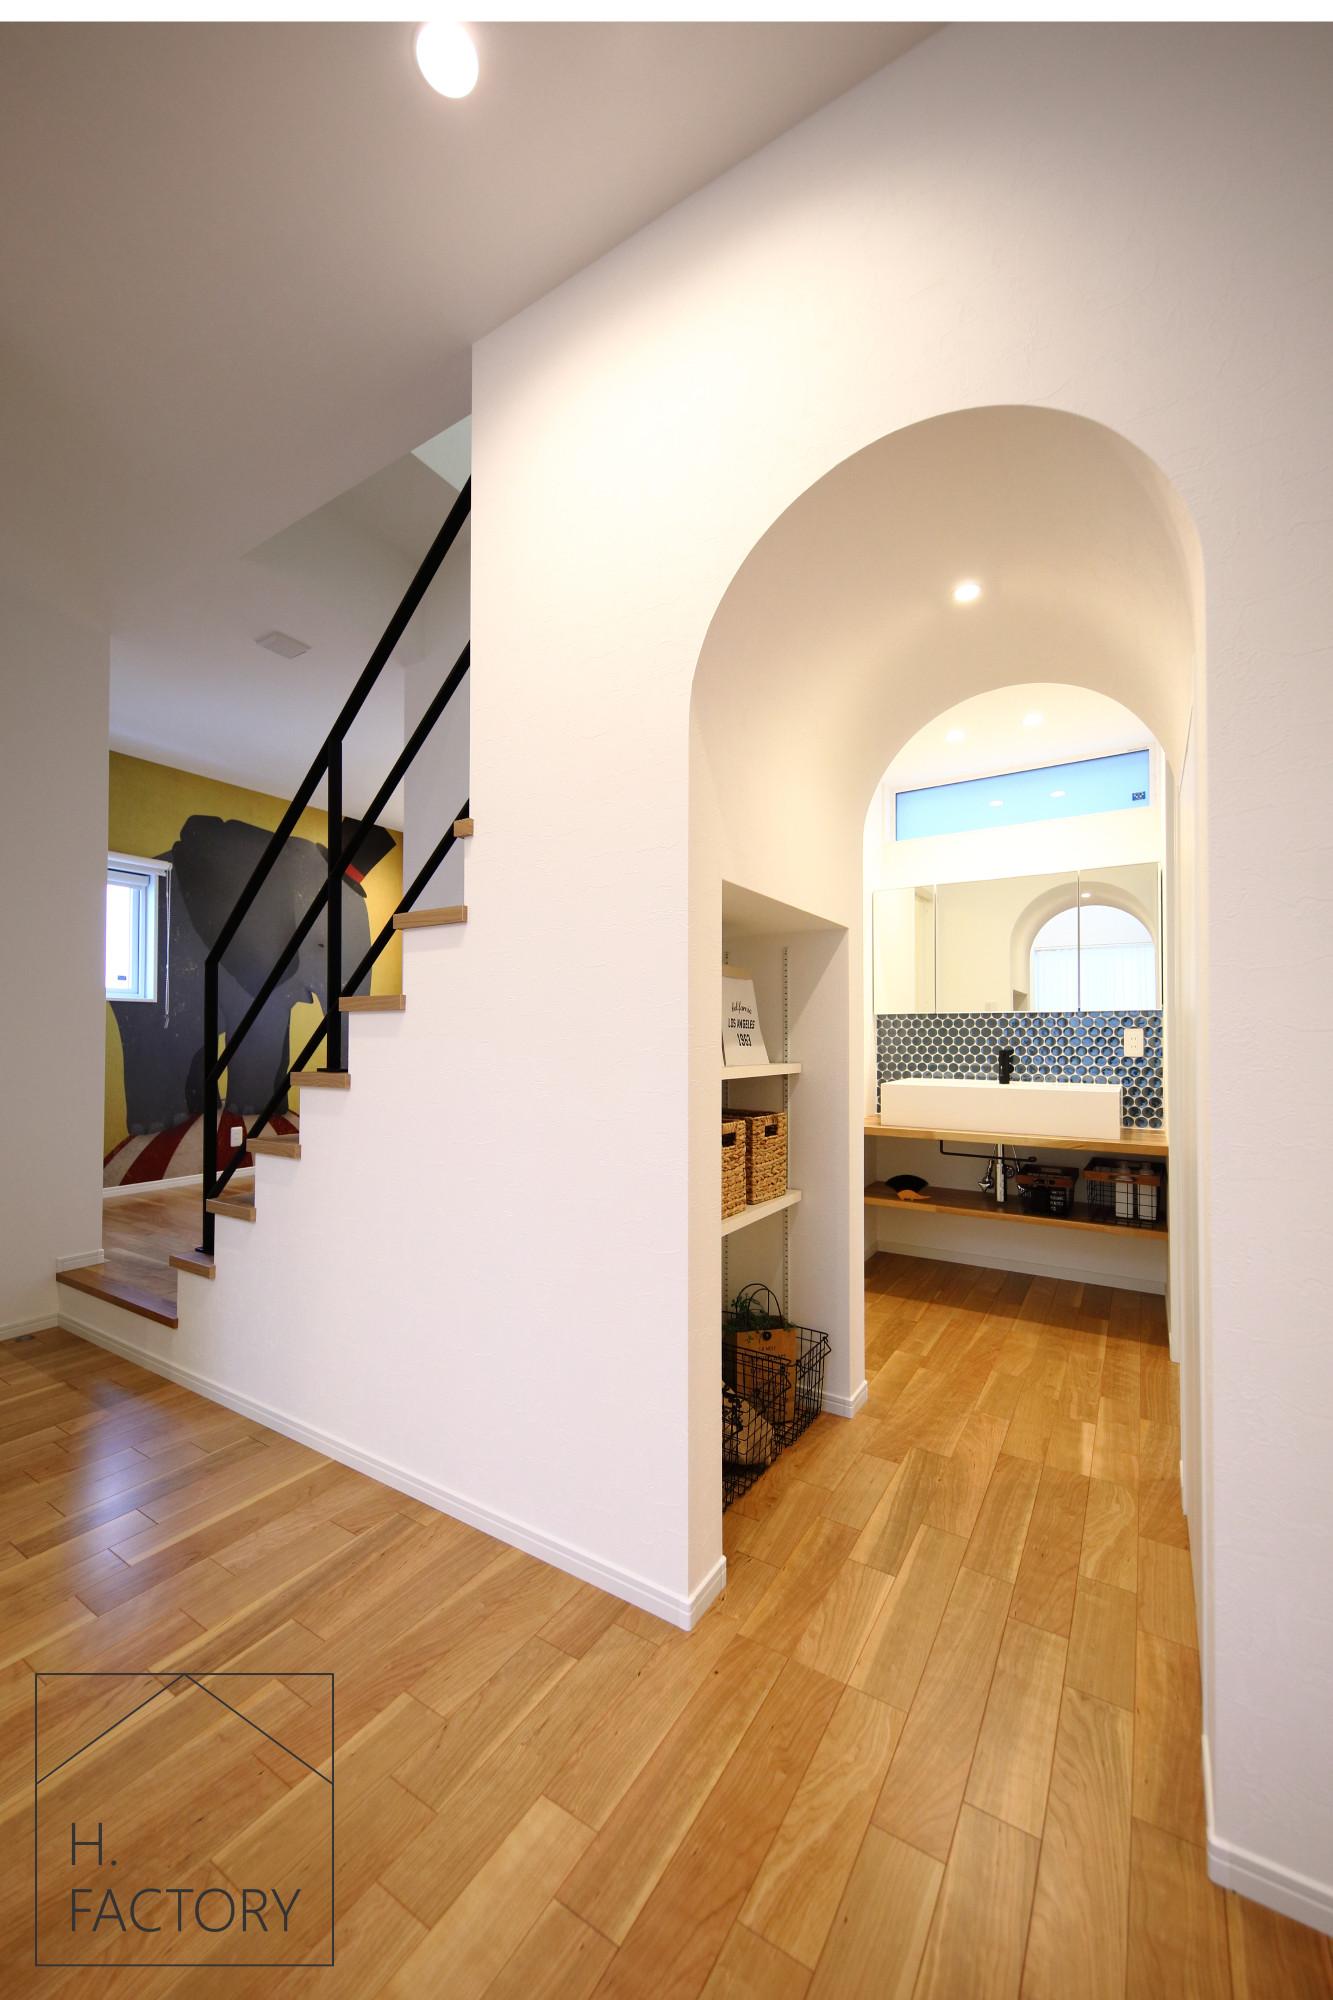 H.FACTORY/株式会社 橋本技建「カルフォルニアスタイルを愉しむ家」の実例写真